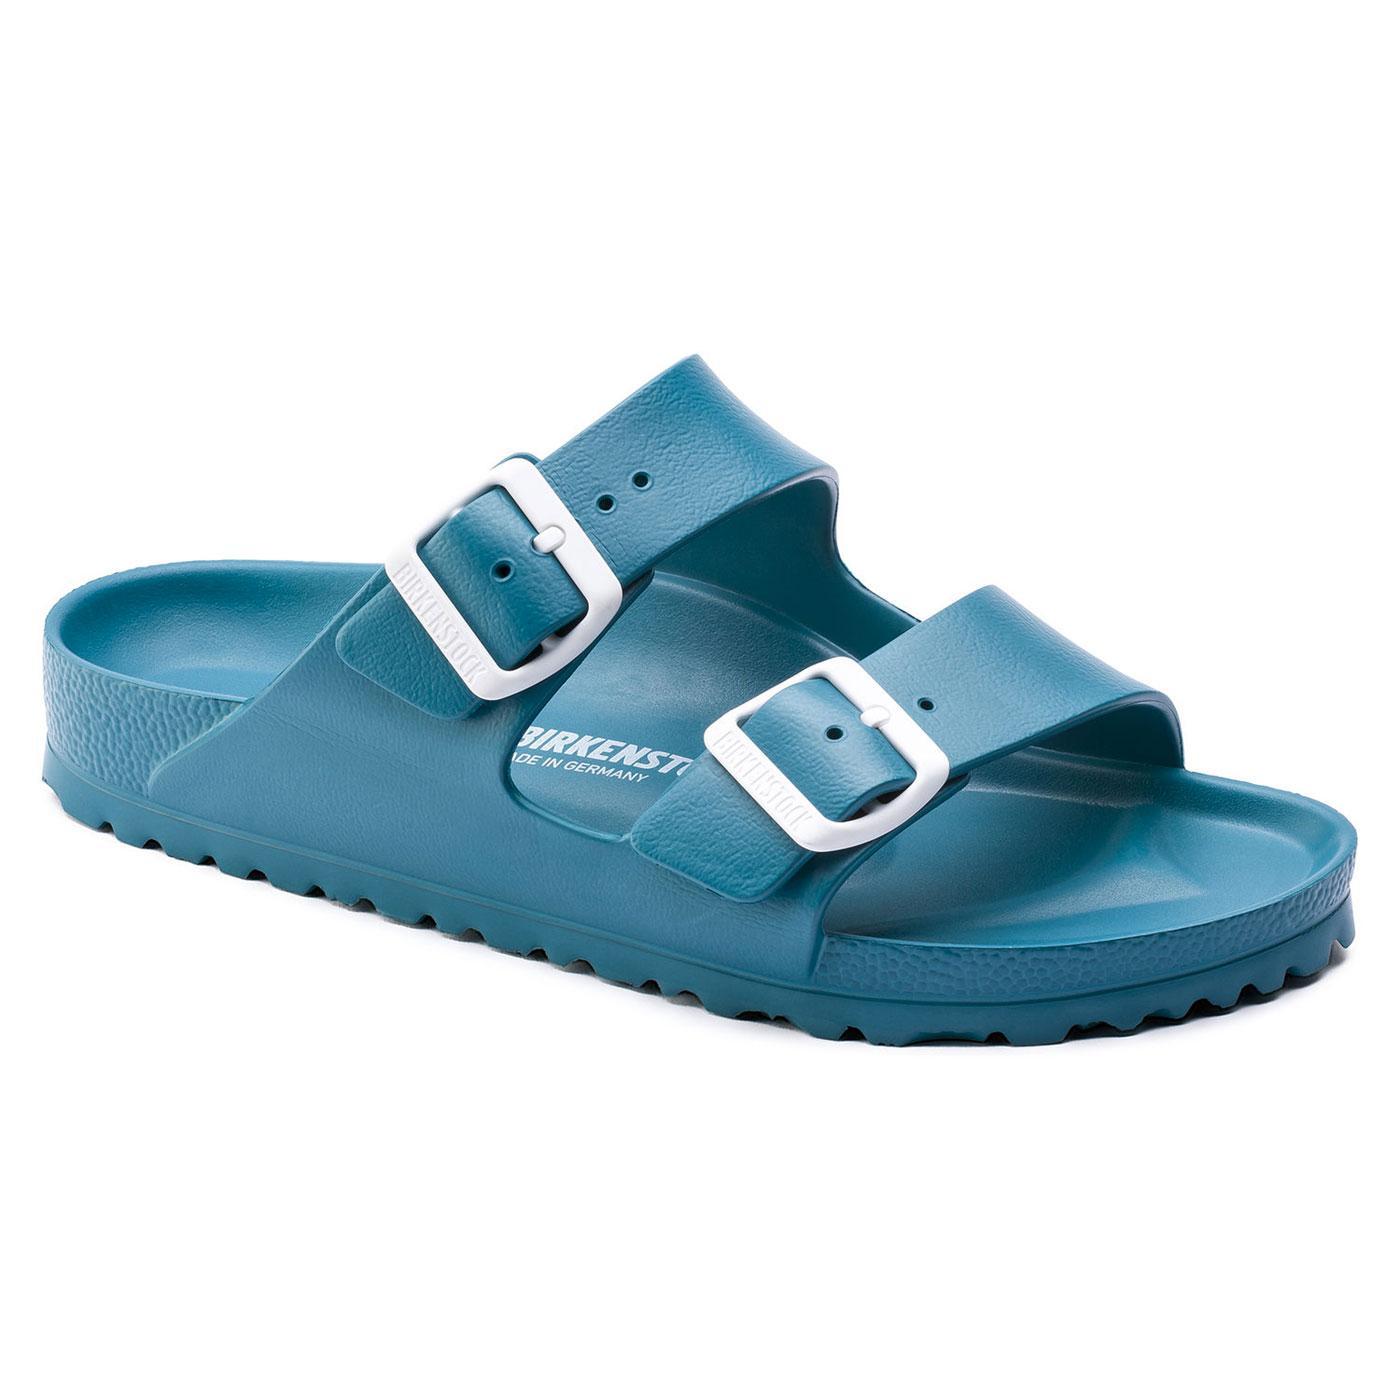 Arizona EVA BIRKENSTOCK Waterproof Retro Sandals T